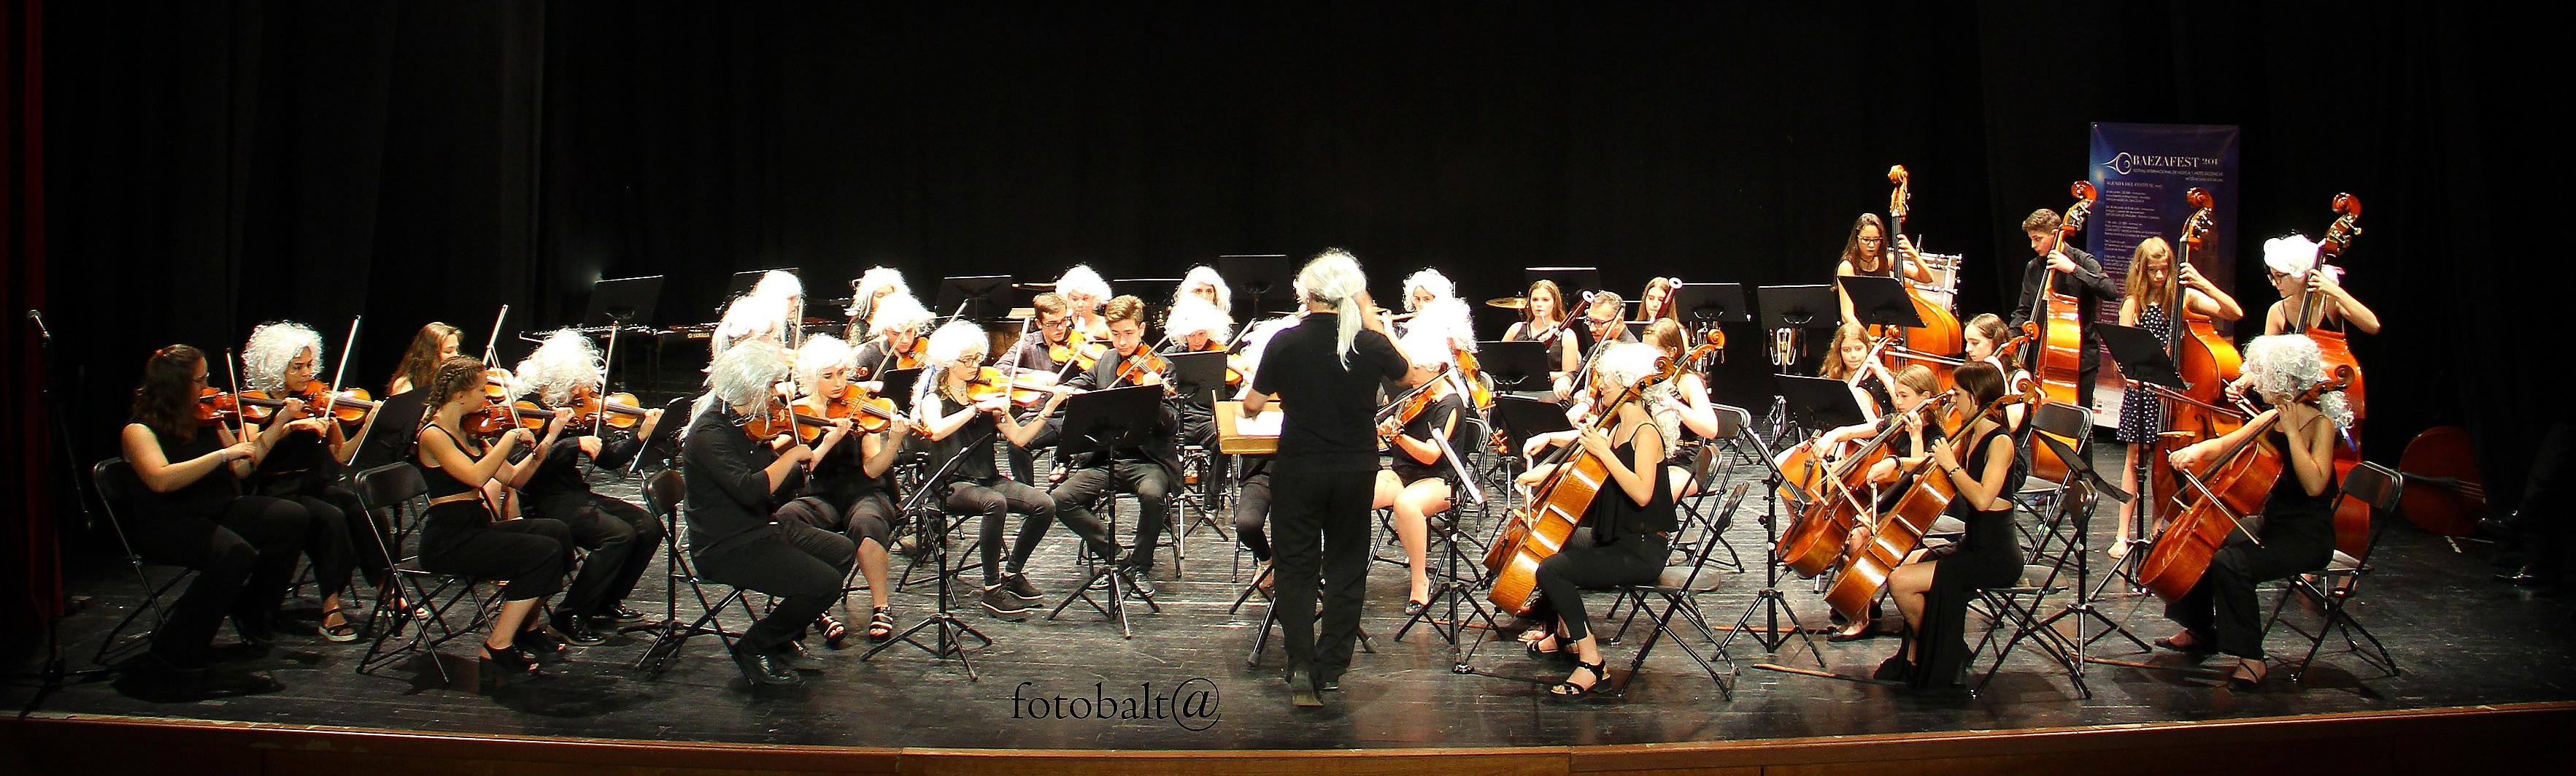 Joven Orquesta Sinfónica del Festival Internacional de Música y Artes Escénicas BAEZAFEST  Director: Javier Sanchis López